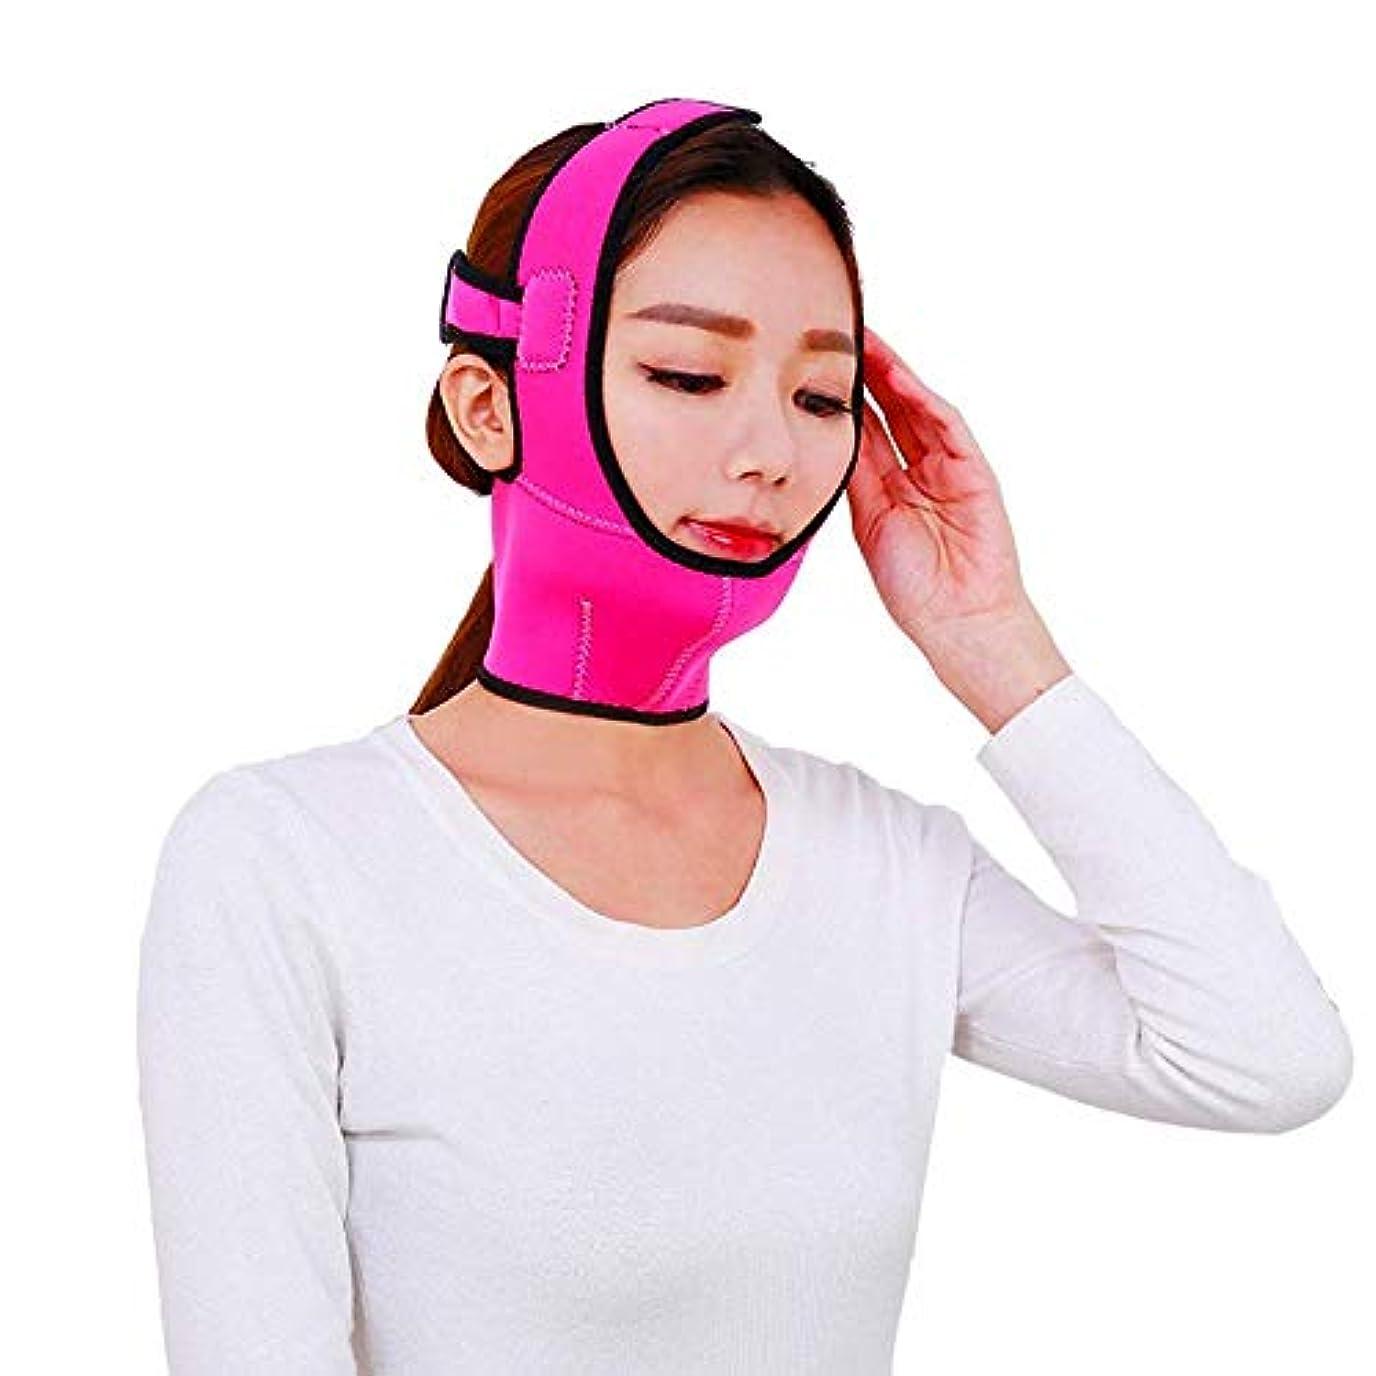 願う追加菊二重あごの顔の持ち上がるマスクVfaceの顔の小さい顔の持ち上がる用具をきつく締める通気性の顔の持ち上がる包帯